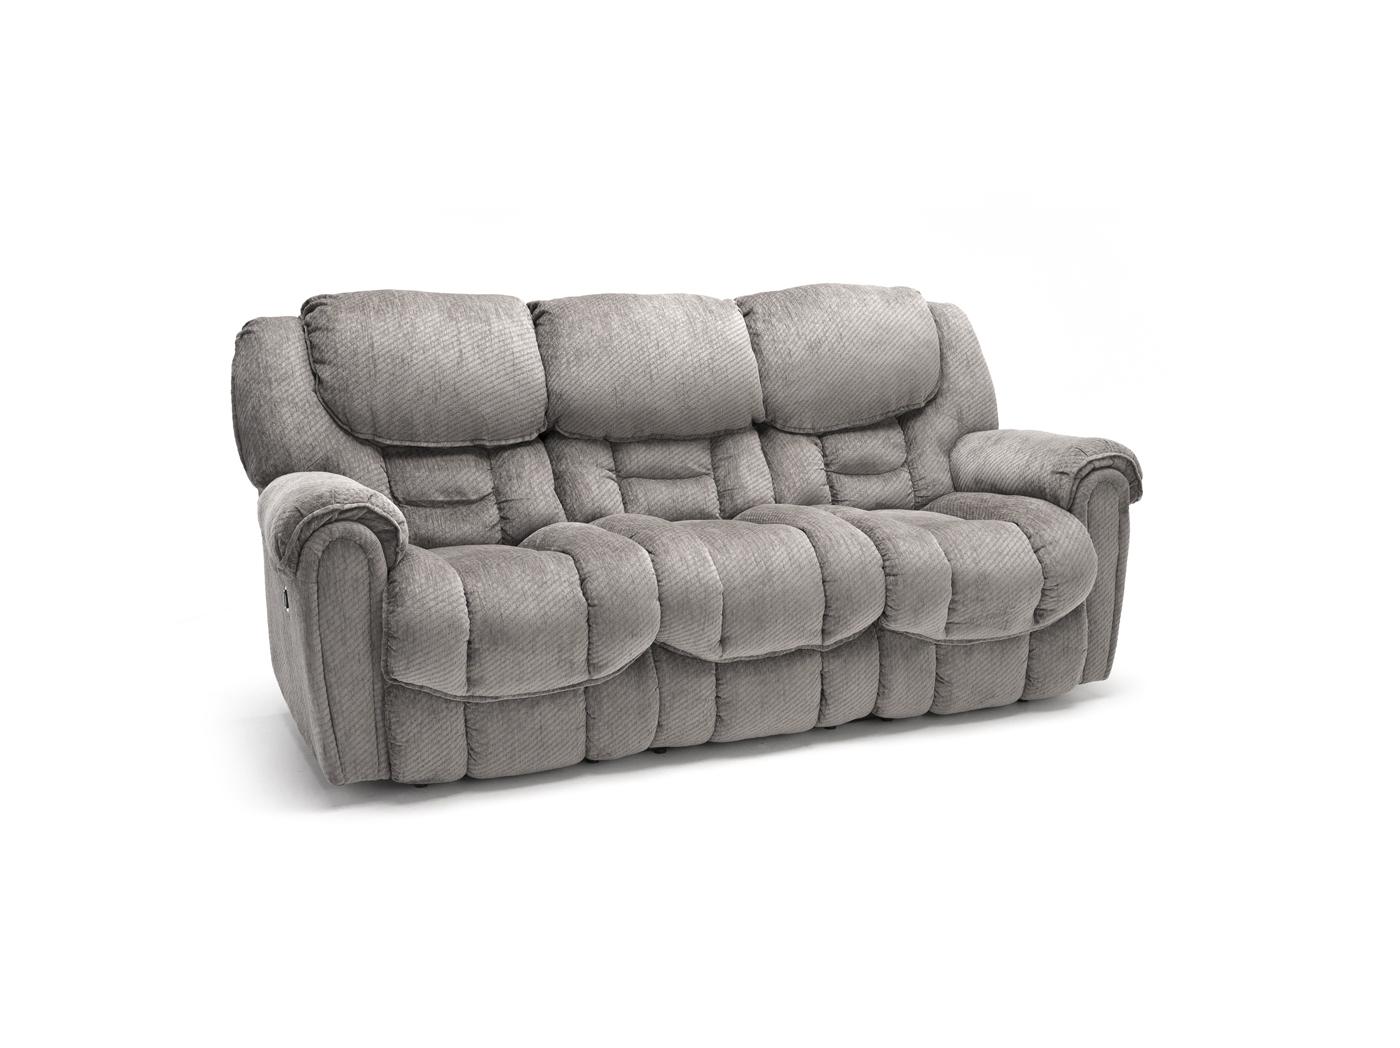 steinhafels cozy one dual recline sofa dual reclining sofa w